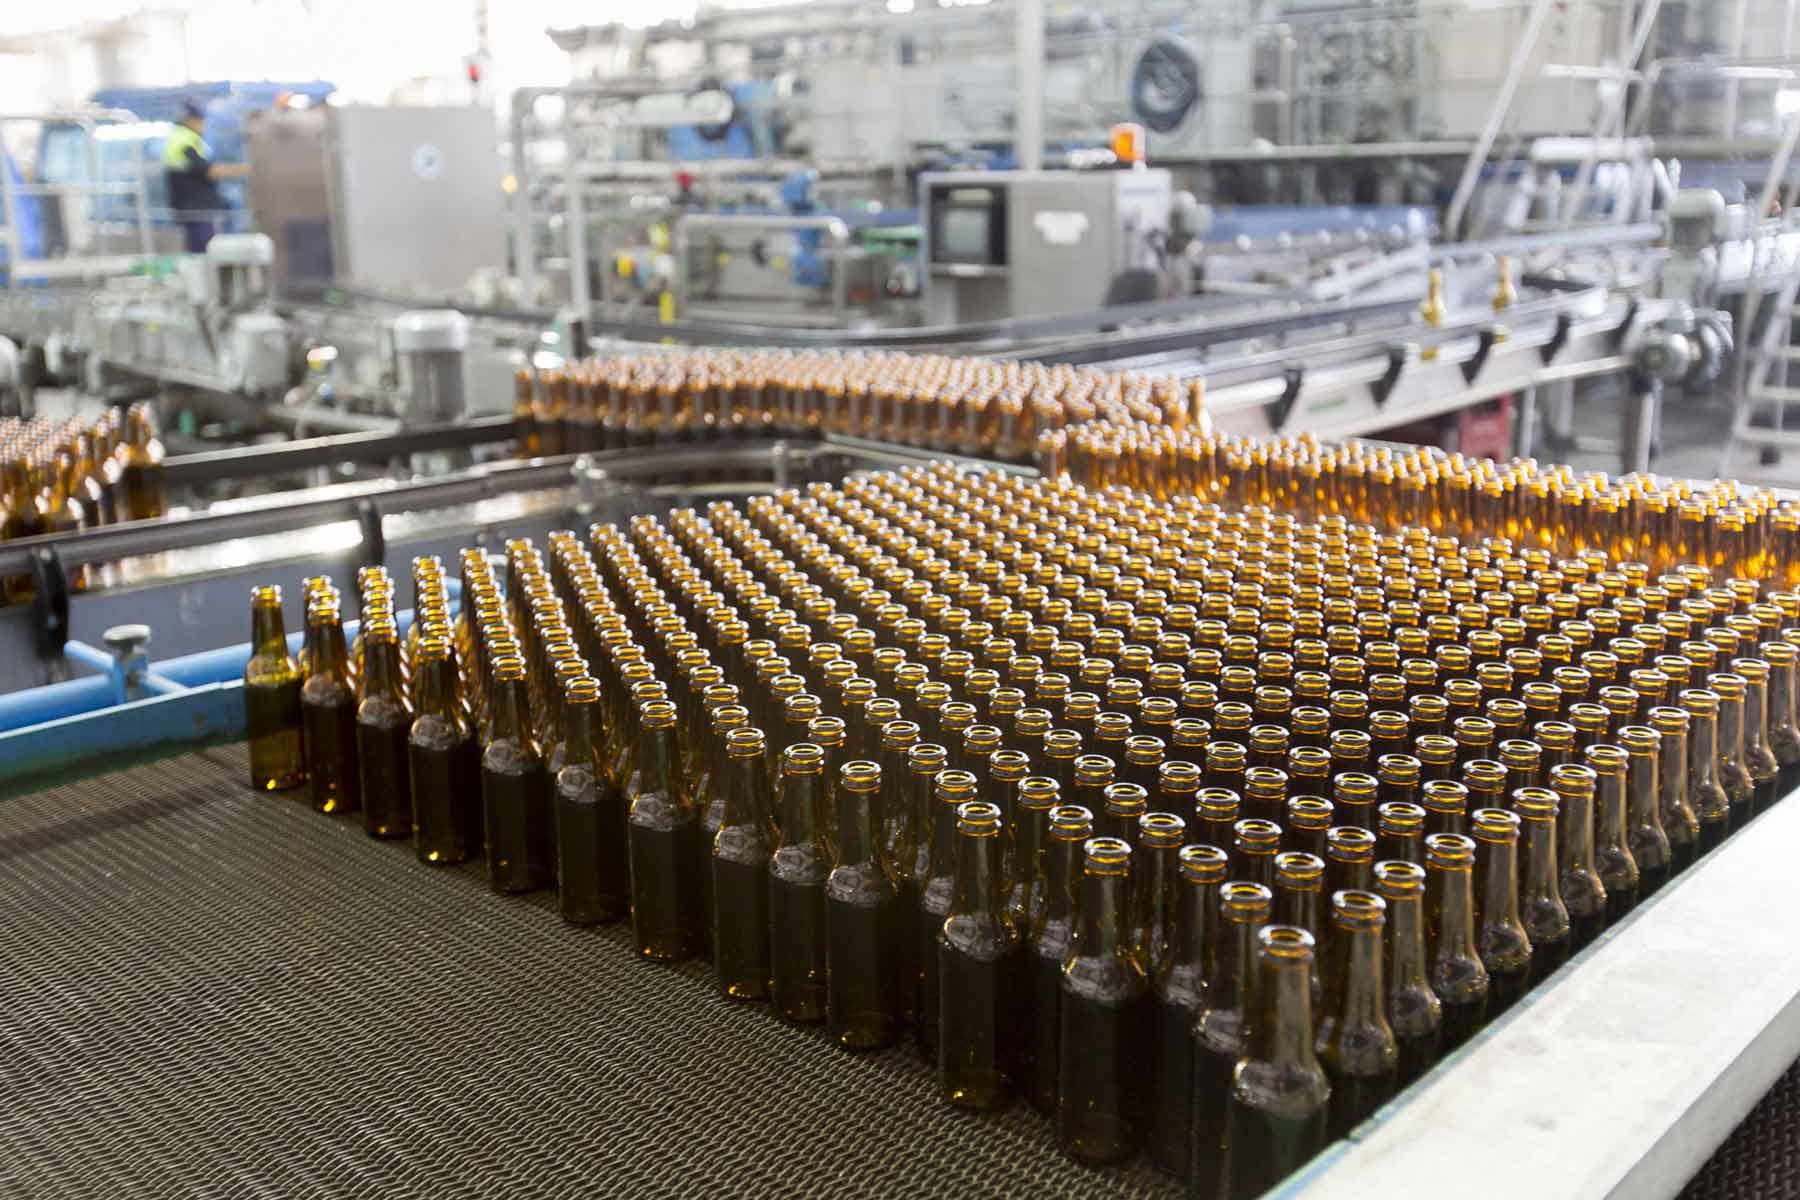 Compañía Cervecera de Canarias reafirma su apuesta por el medio ambiente y el ahorro energético